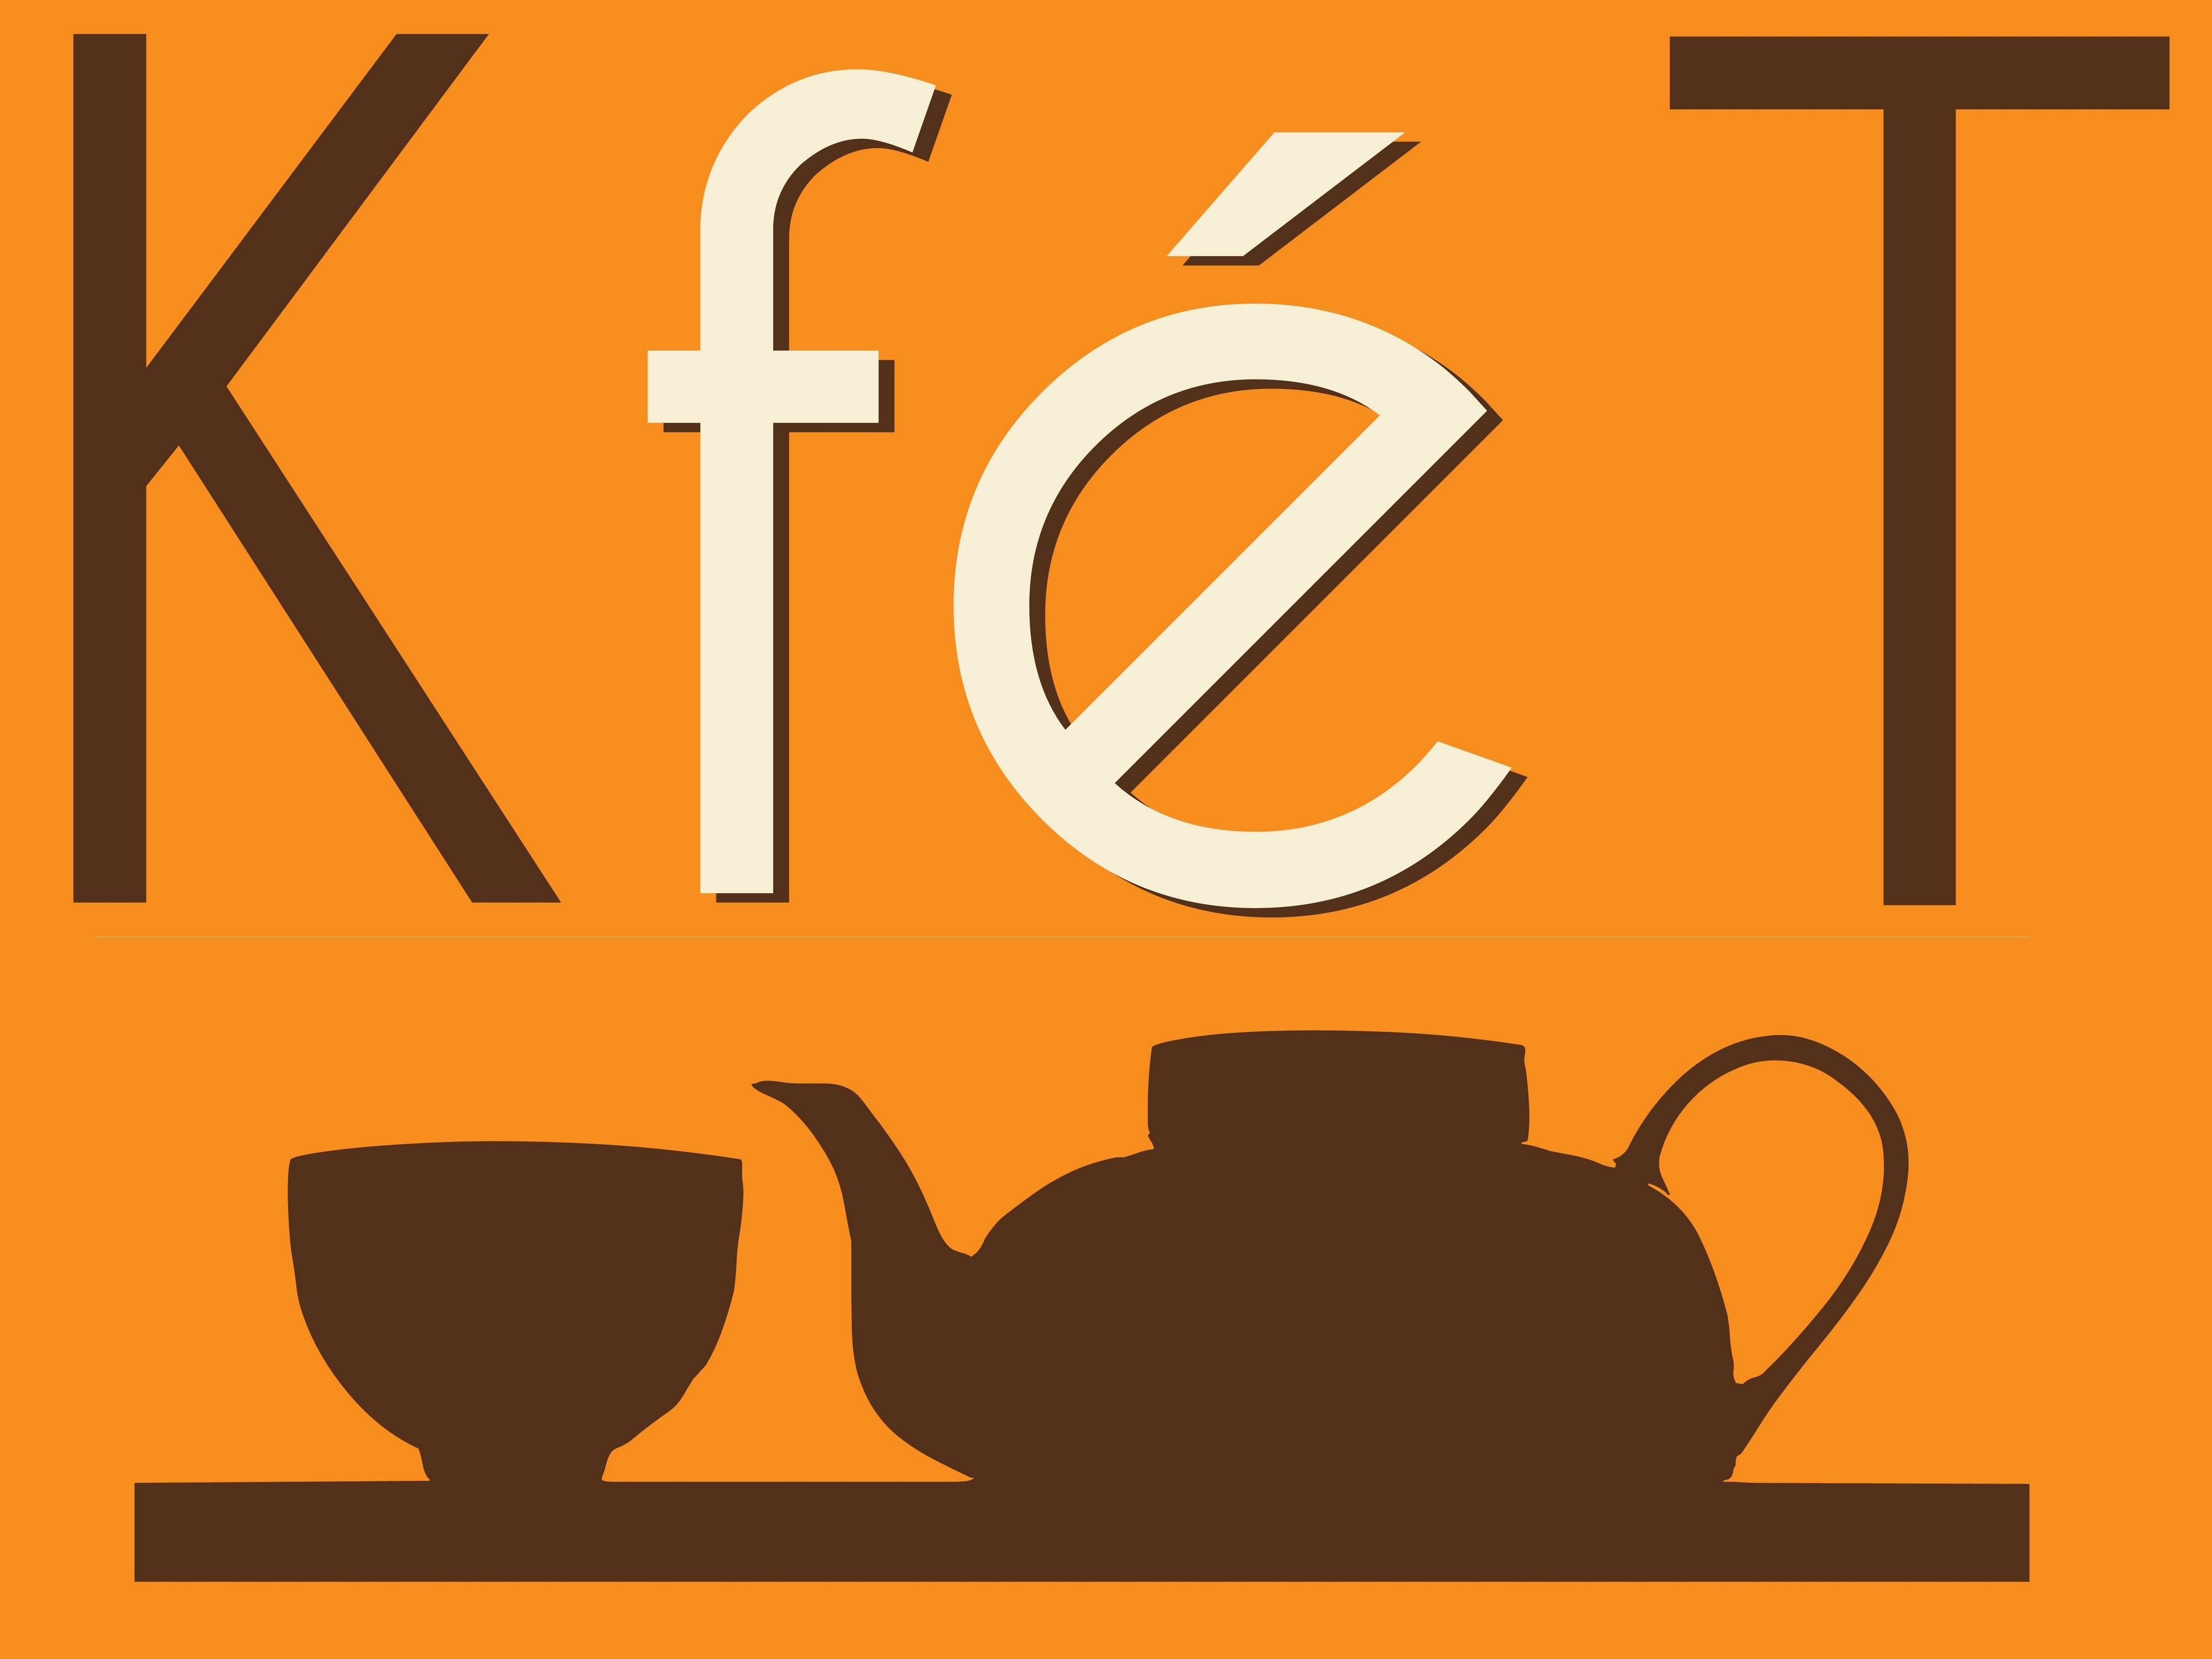 logo_kfet-1464020396.jpg